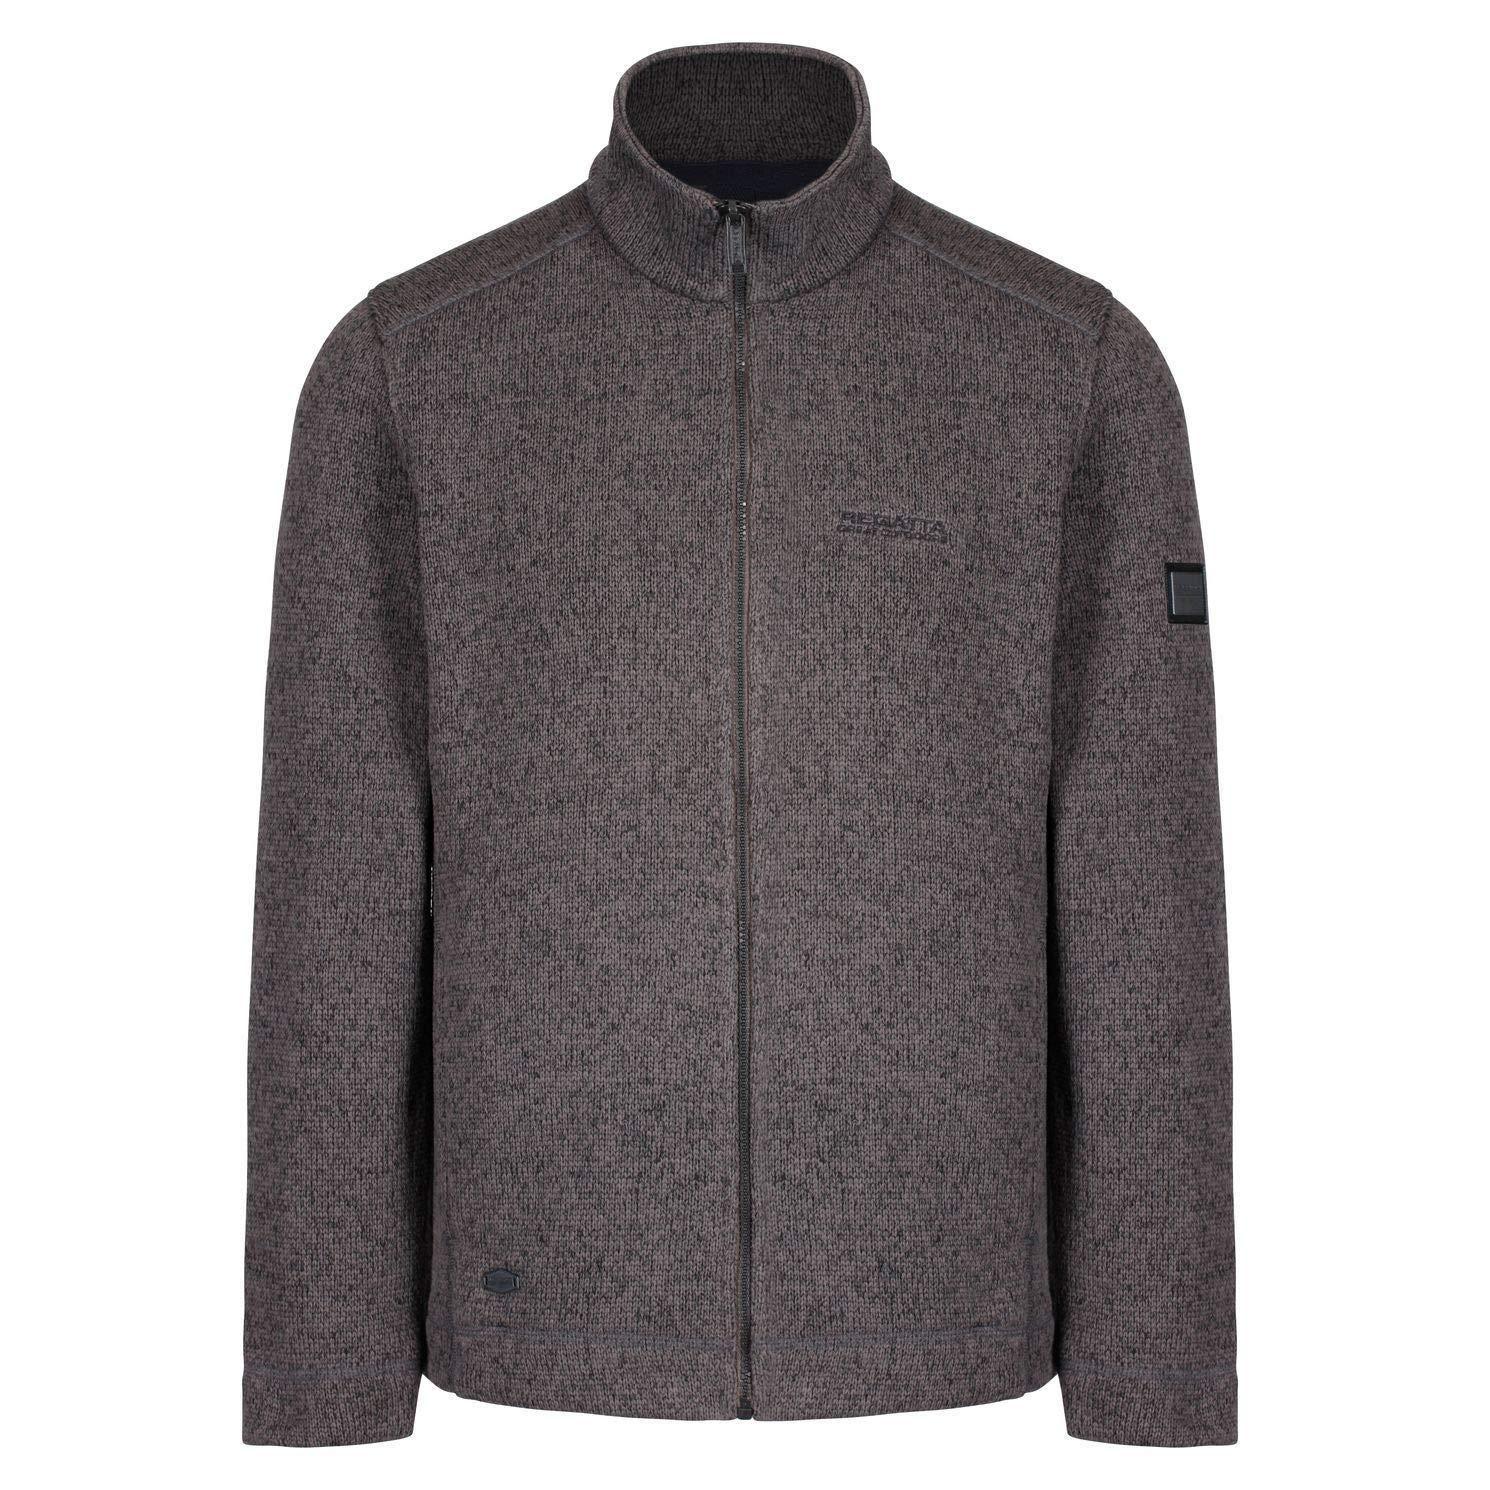 Regatta Mens Branton Full Zip Jacket (Dust)